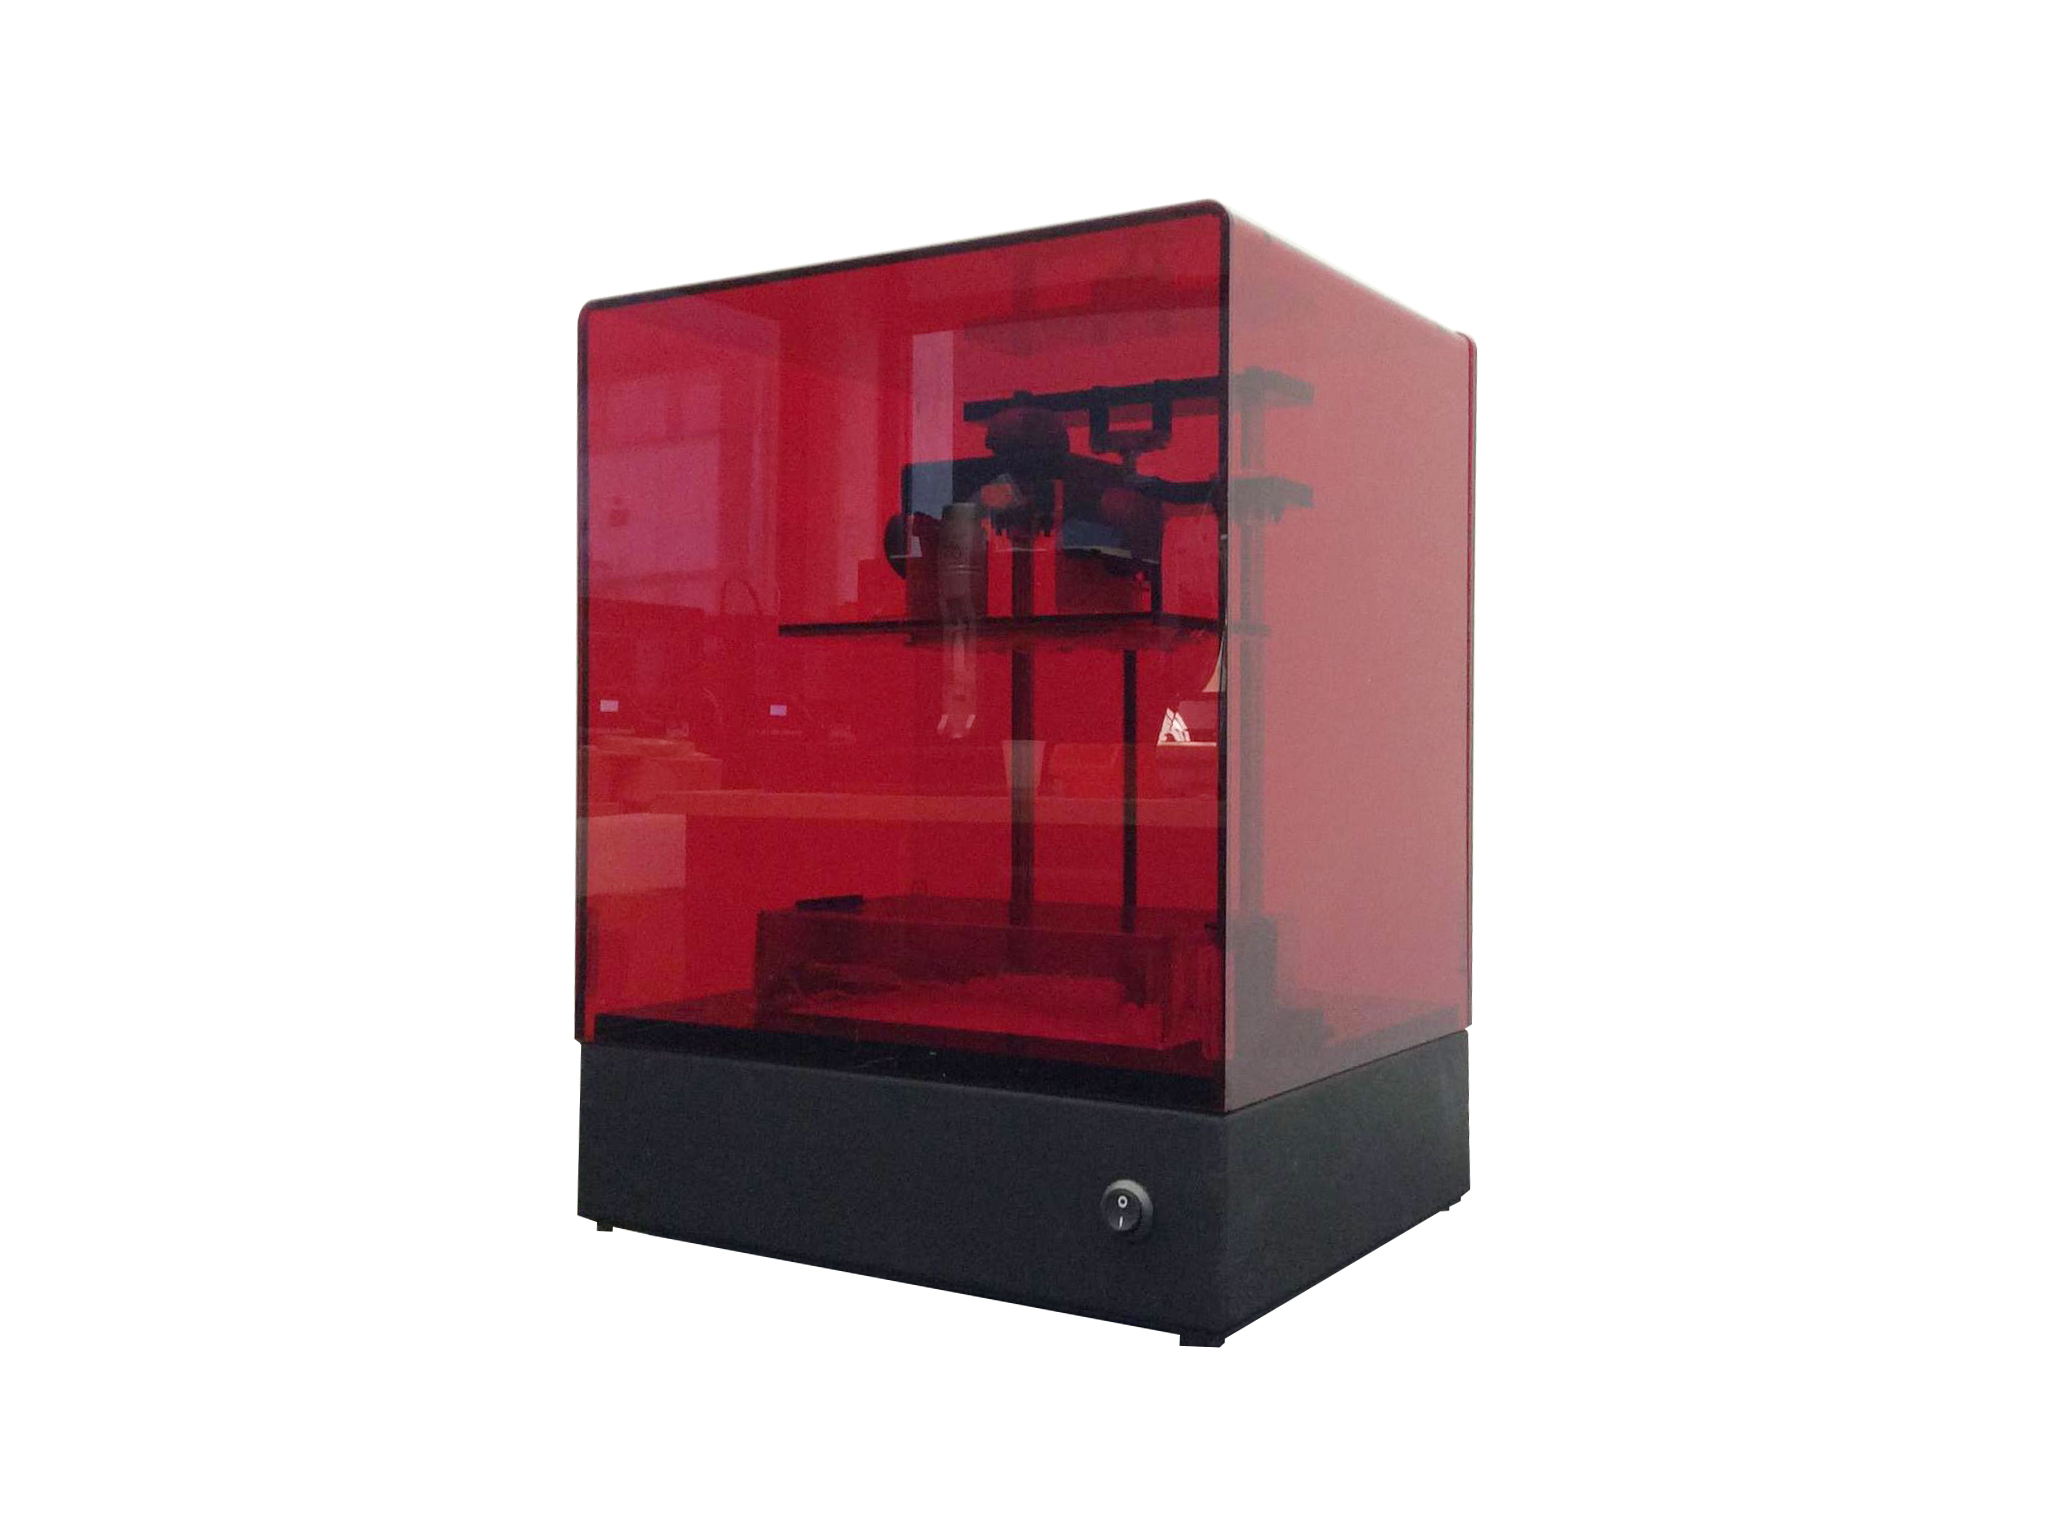 Imprimante Liquid crystal – boutique en ligne imprimante 3d Liquid crystal – machines-3d